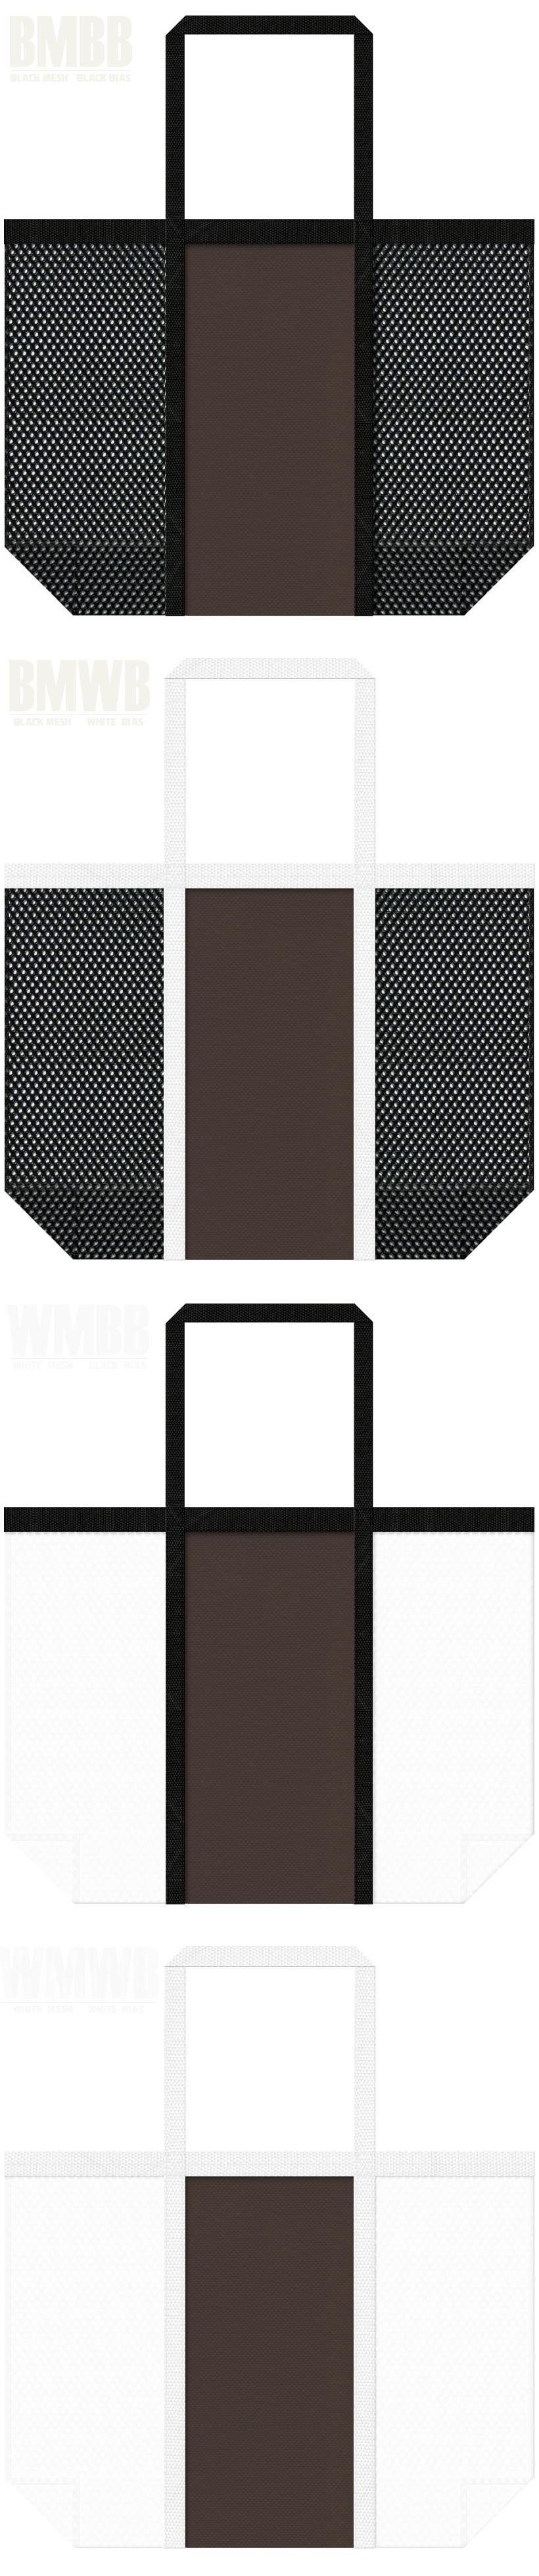 台形型メッシュバッグのカラーシミュレーション:黒色・白色メッシュとこげ茶色不織布の組み合わせ